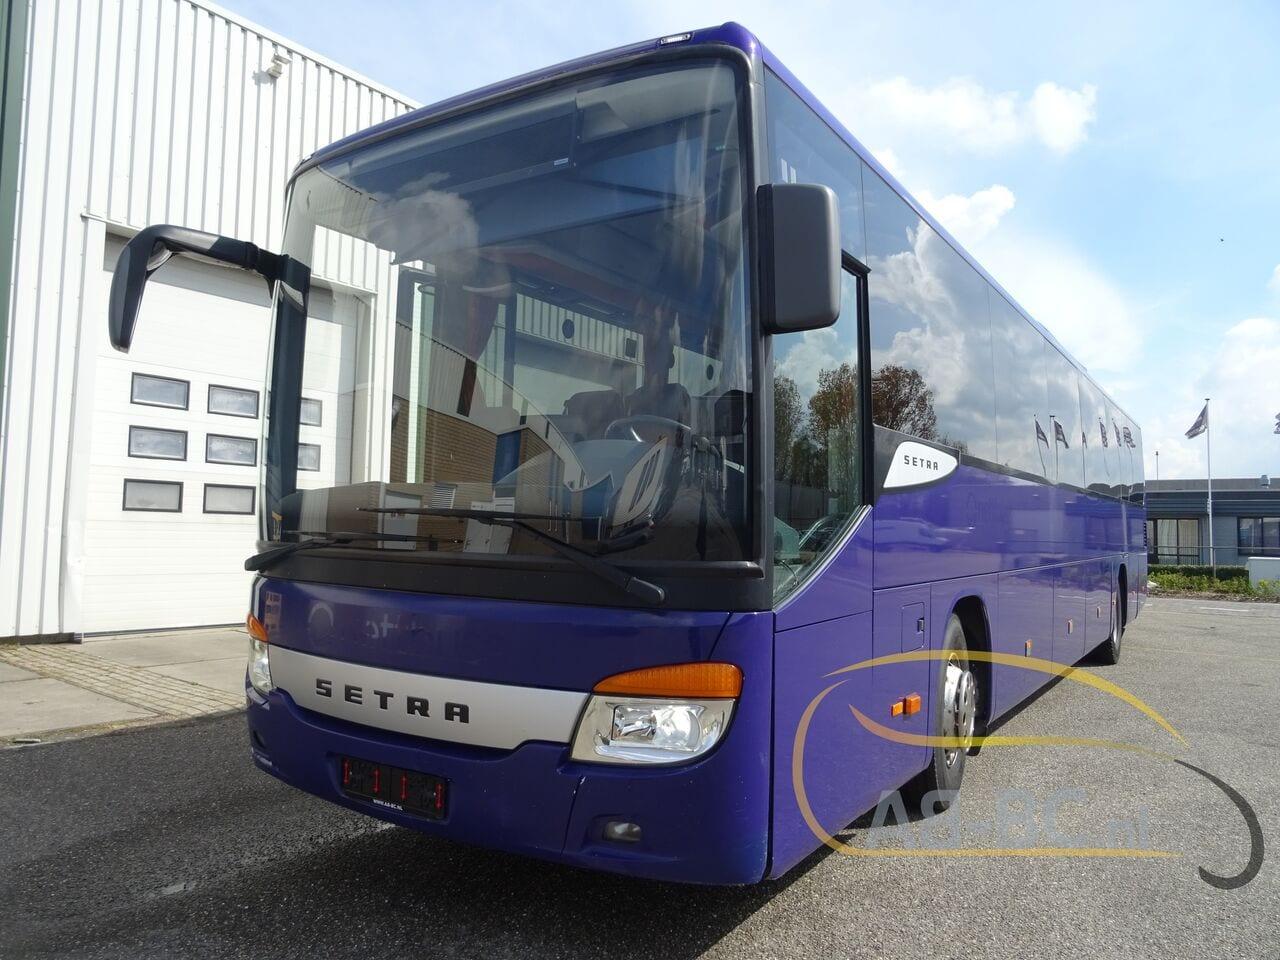 coach-busSETRA-S416H-48-SEATS-LIFTBUS---1620309648286124689_big_b8ba92b5d230839df825dff2029f6fcc--21050616581387095000